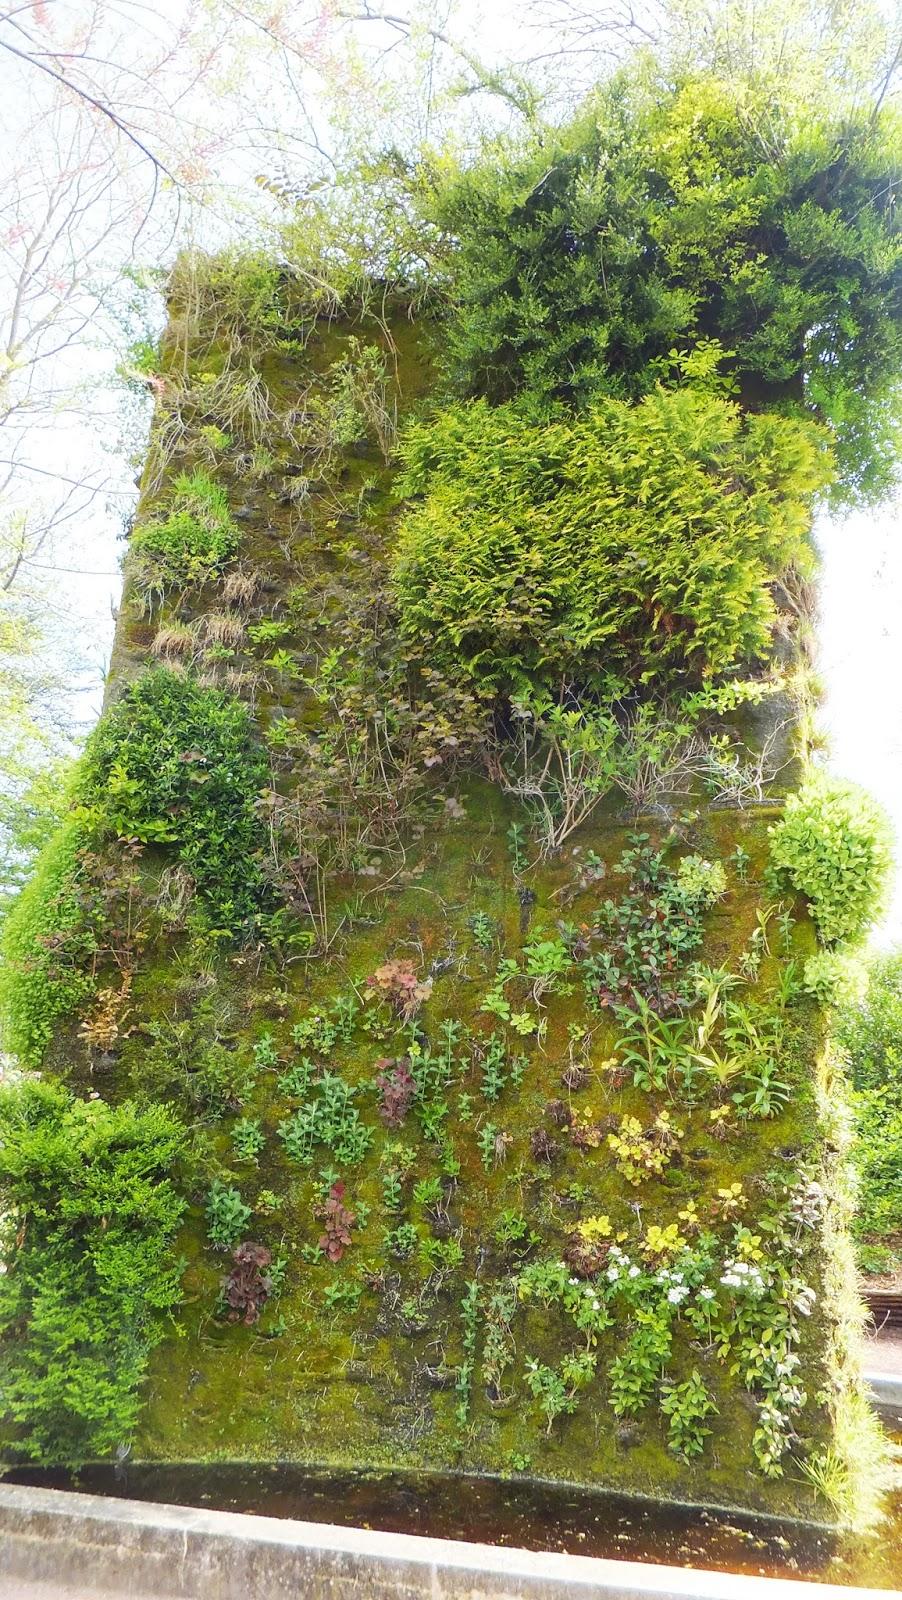 Jardín vertical de Patrick Blanc, Chaumont-sur-Loire, Francia, Elisa N, Blog de Viajes, Lifestyle, Travel